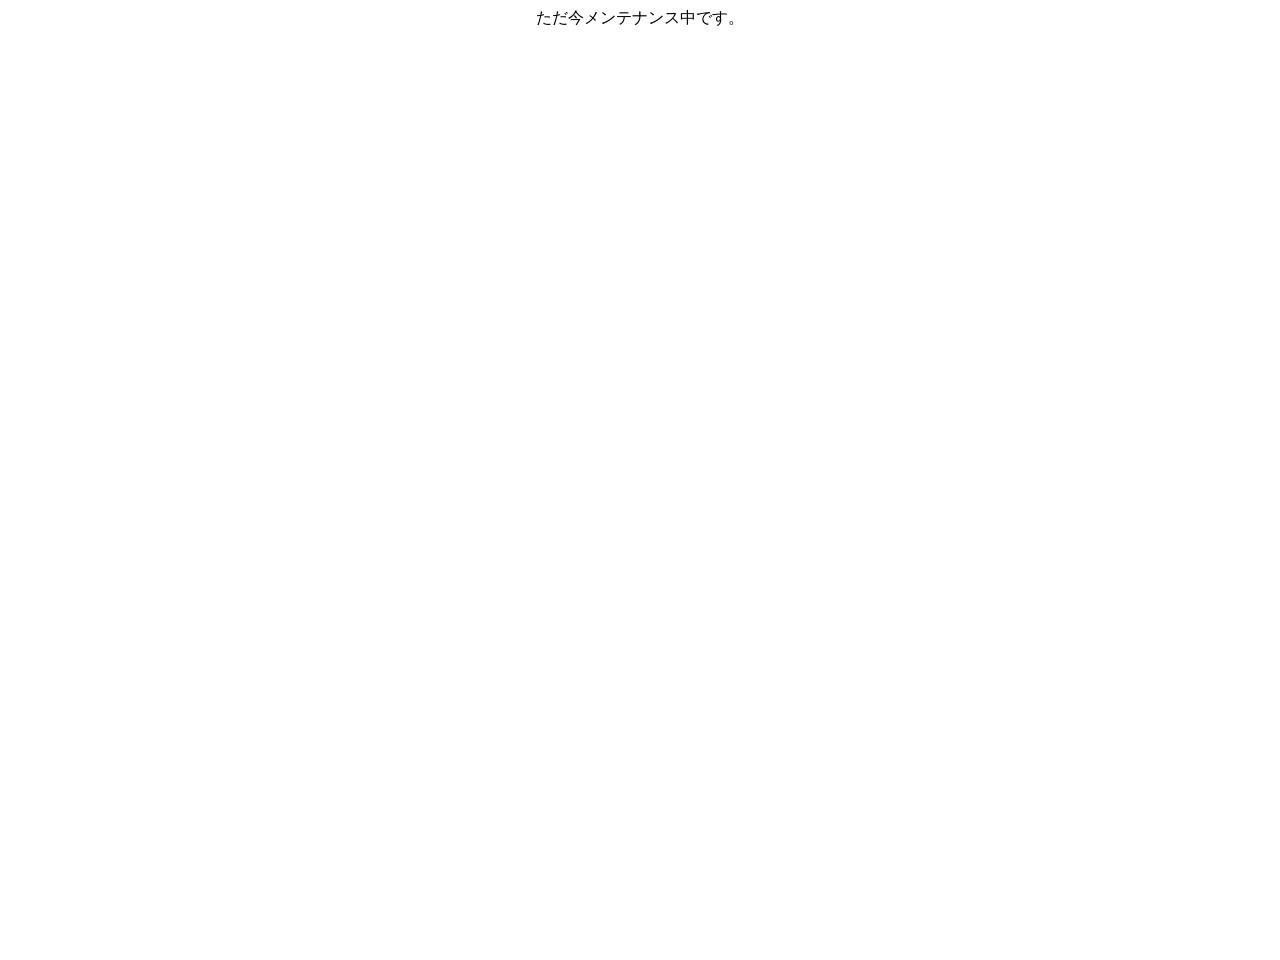 日本酒、吟醸酒、真田六銭文、日本酒販売店の山三酒造